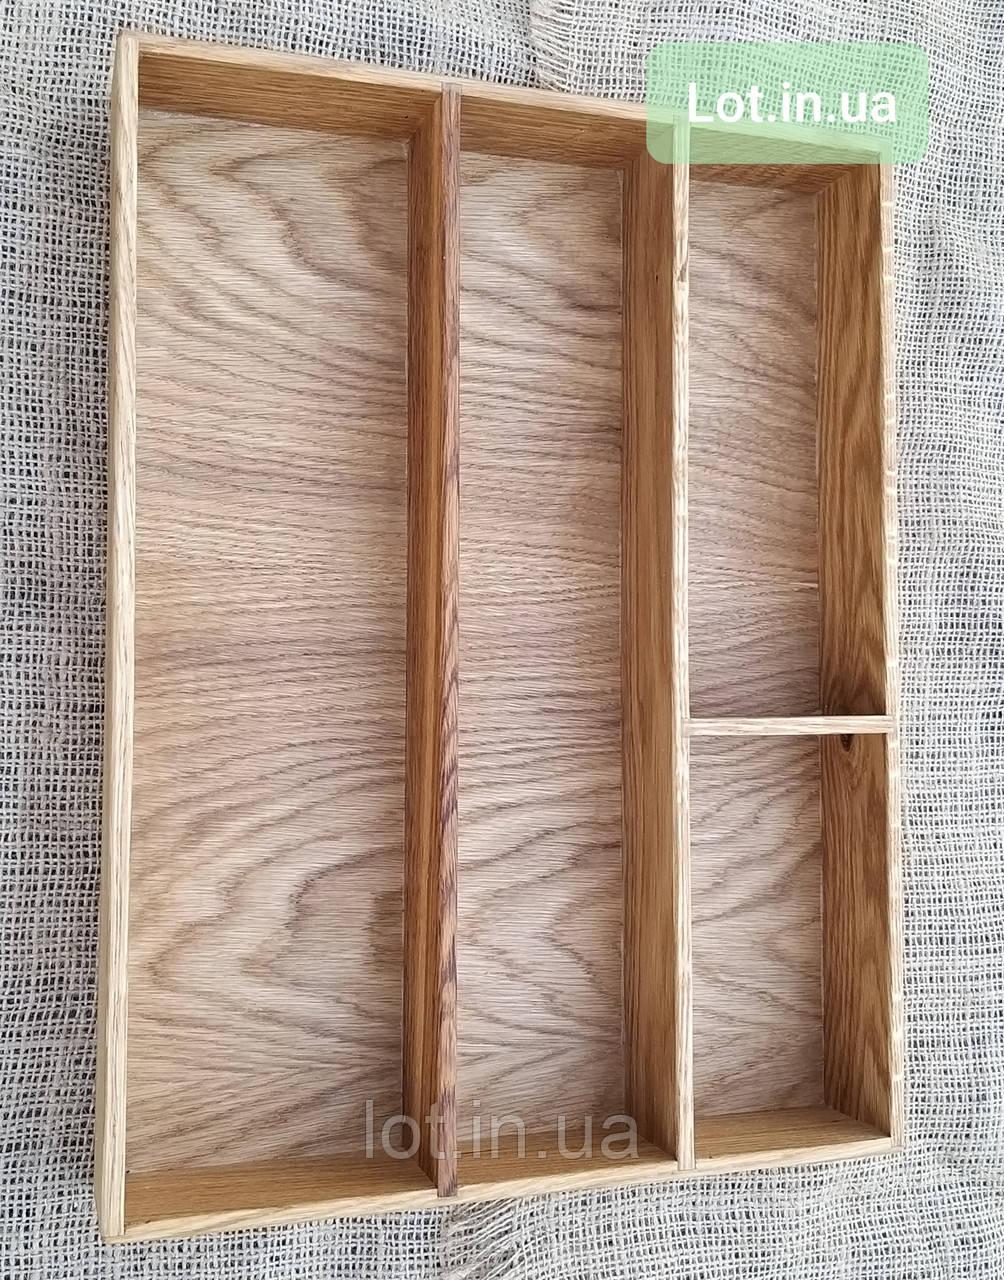 Деревянный лоток для столовых приборов Lot 404 400х500. (индивидуальные размеры)